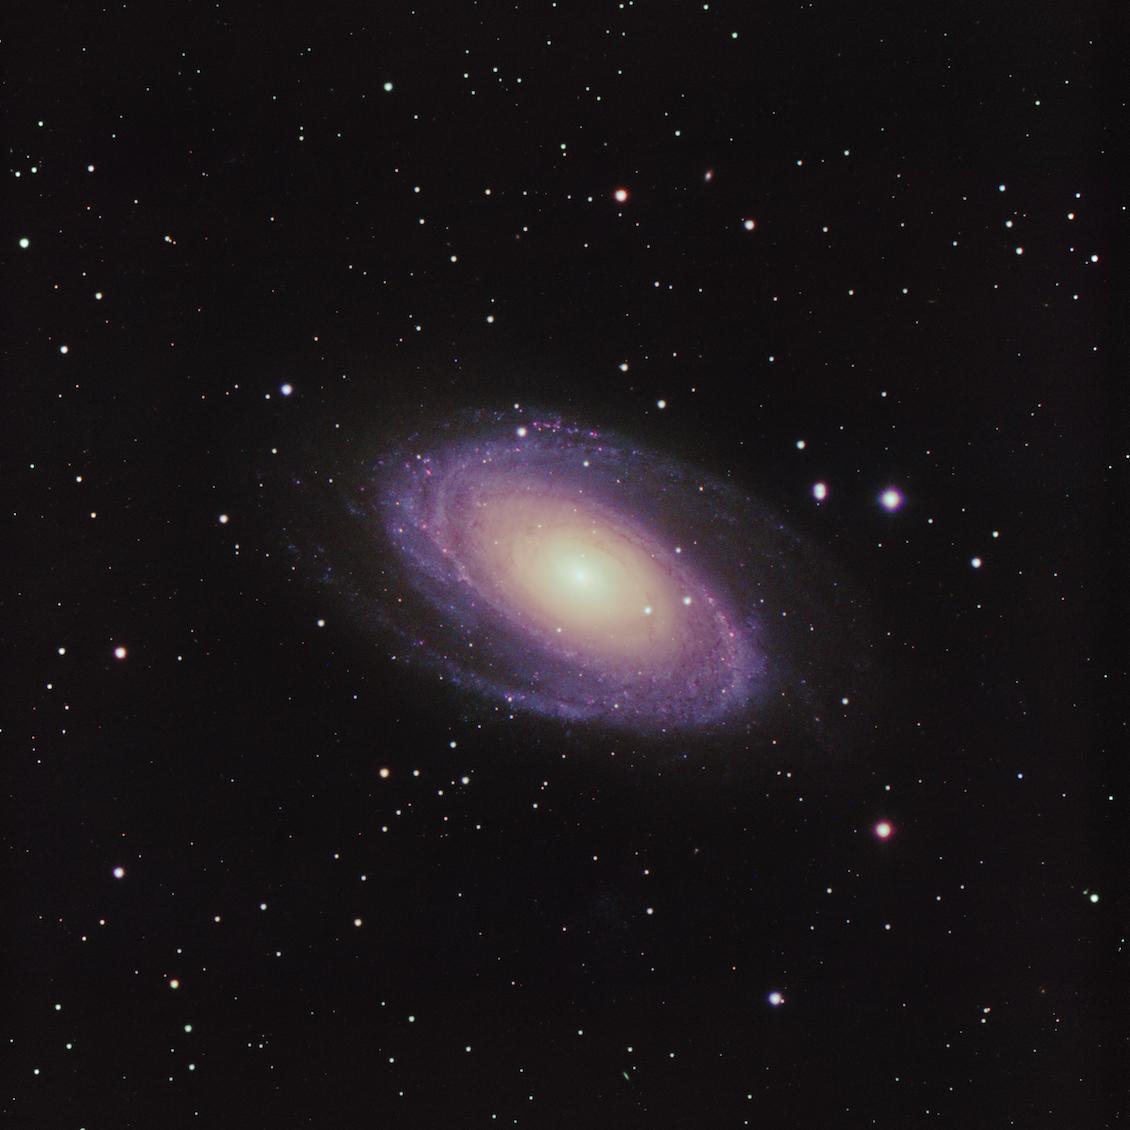 [Bild: M81-LRGB-33pr-1130x1130-C.jpg]